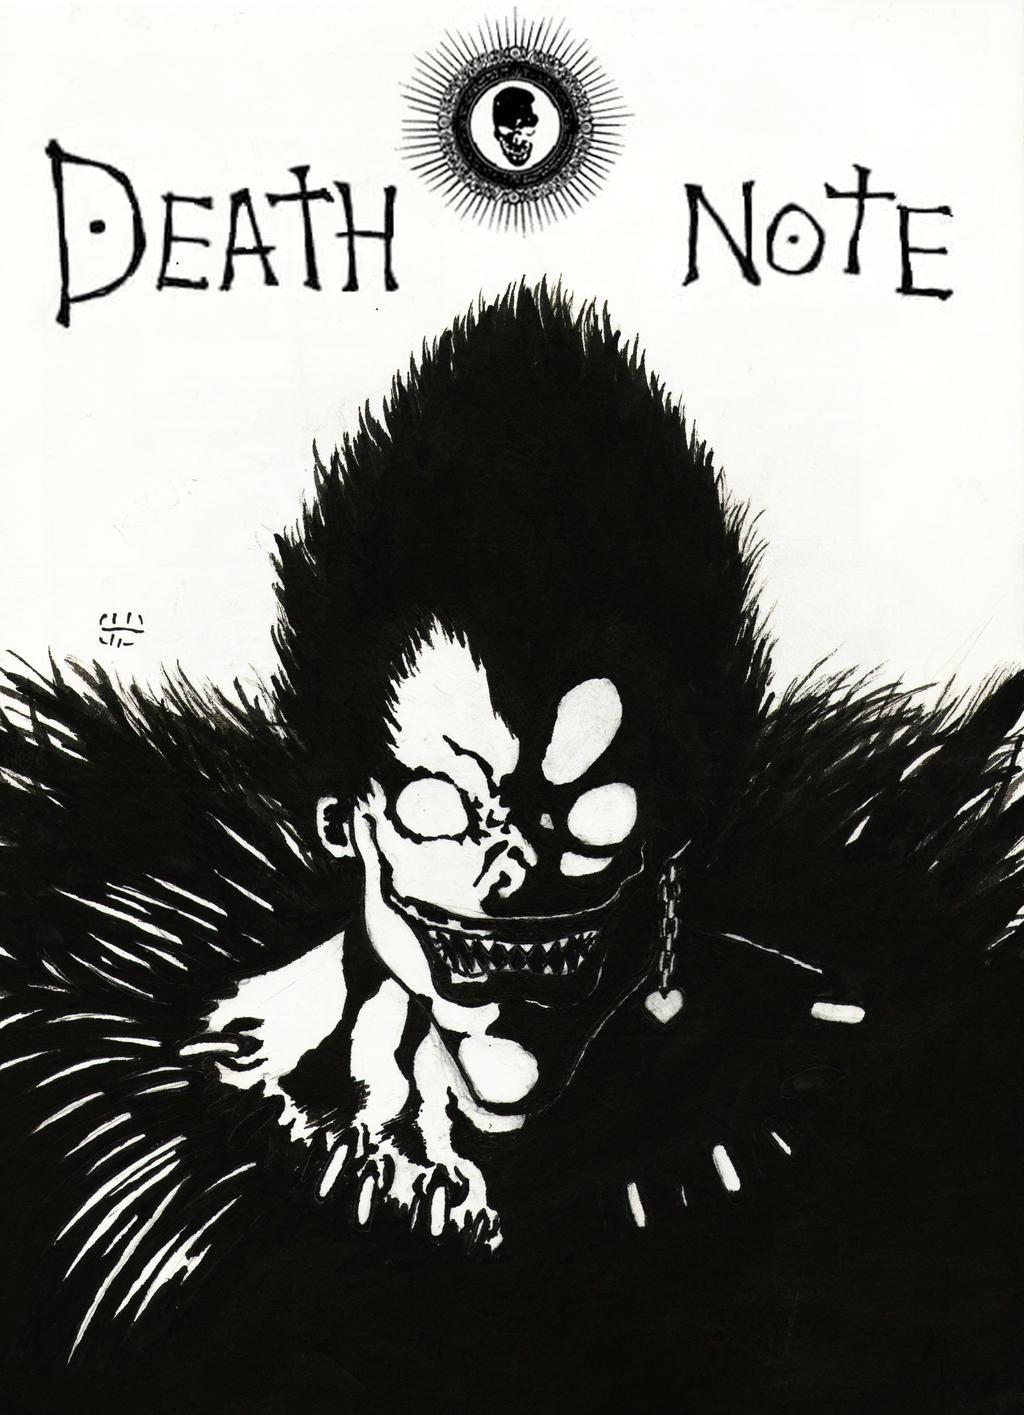 Ryuk- Death Note by wolverineofcomixvn on DeviantArt